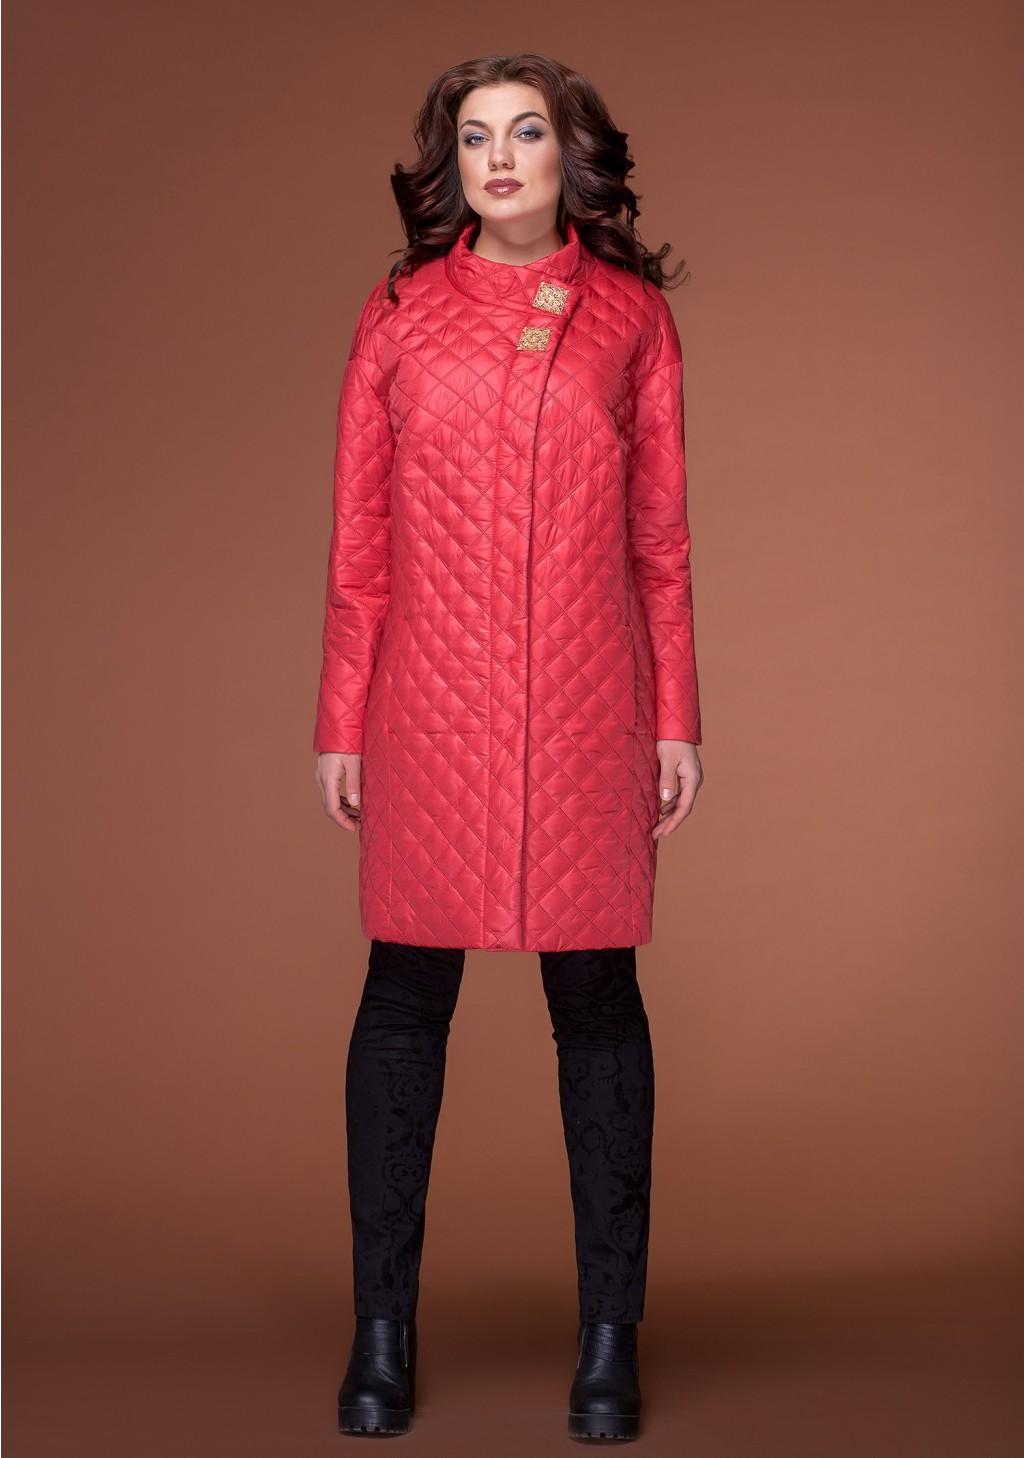 Сбор заказов. Пора утепляться-3. Большой выбор белорусской верхней женской одежды. Размерный ряд с 42 по 68 размеры.